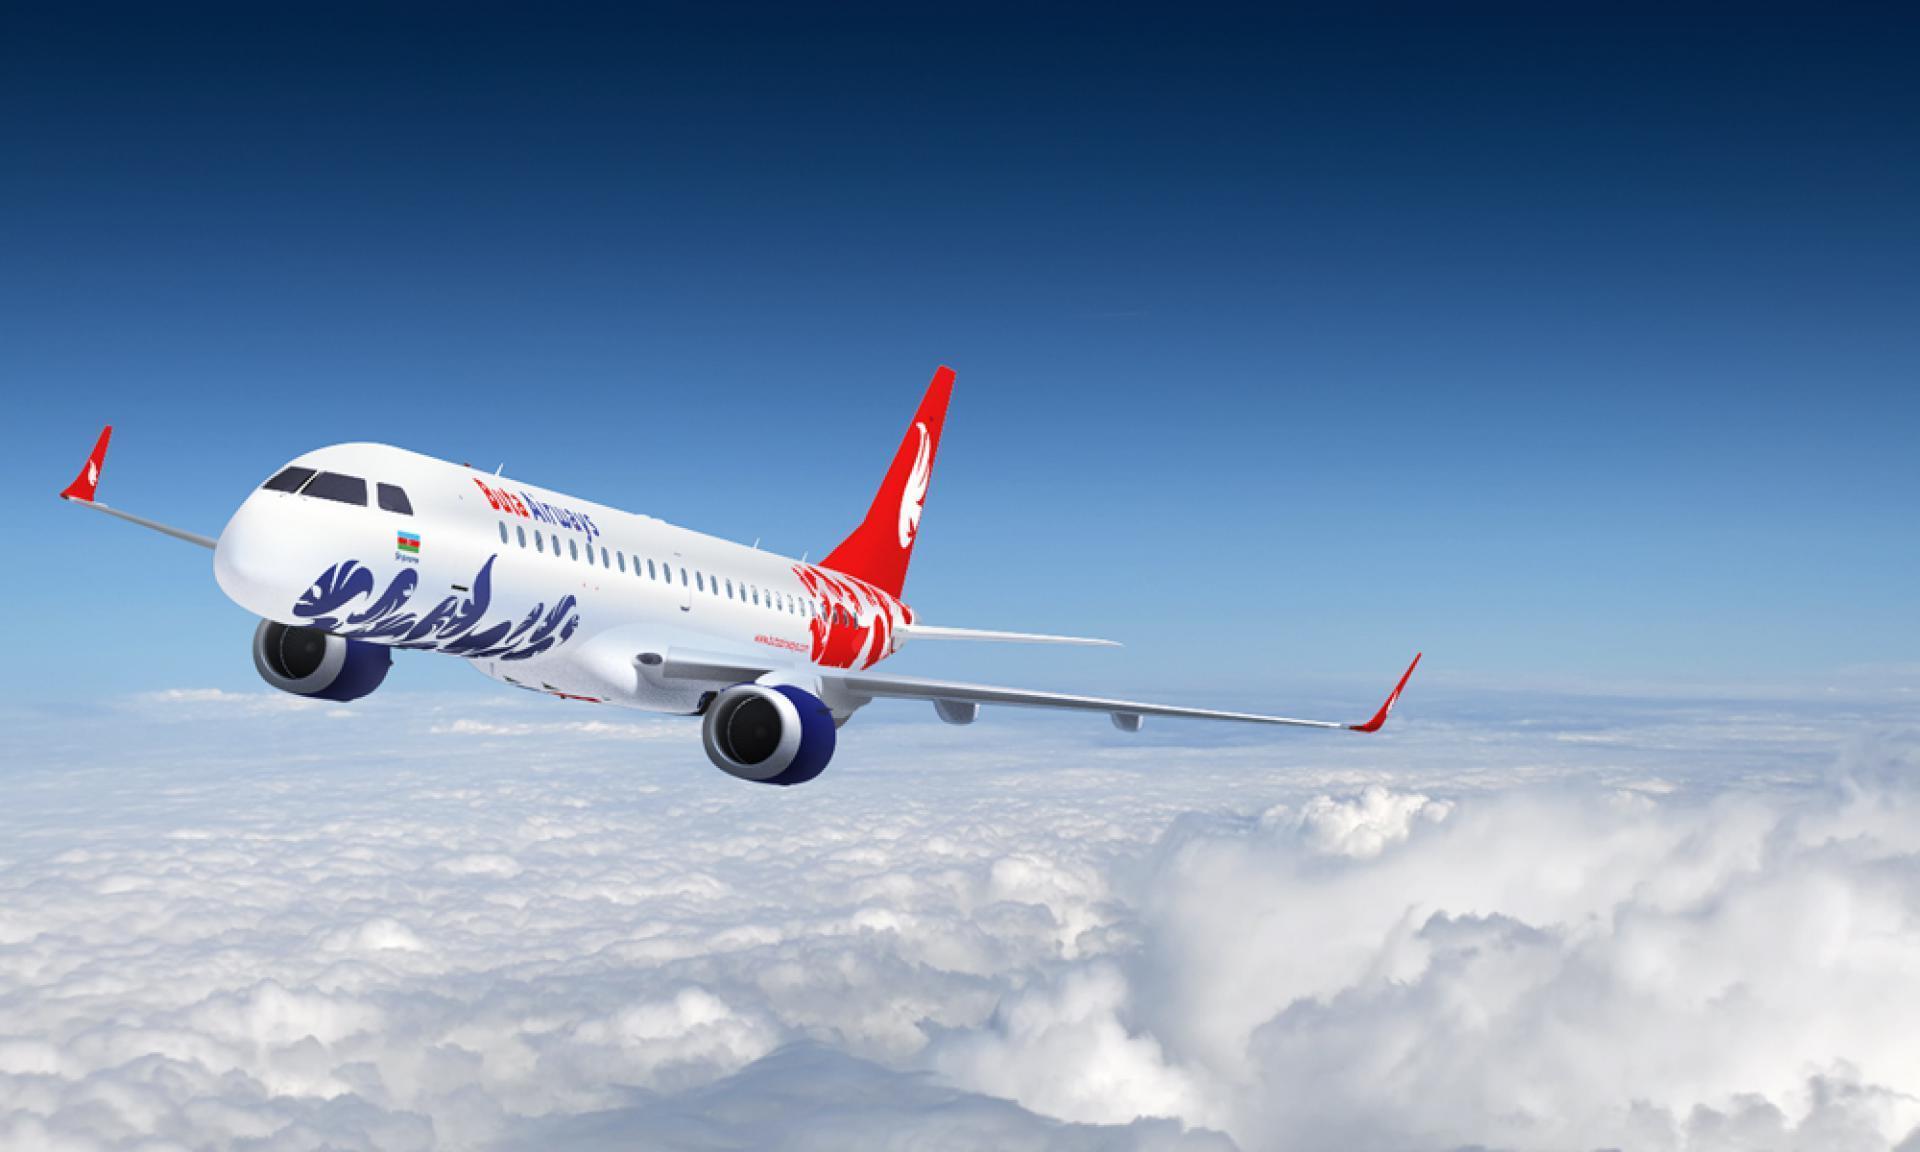 Вернувшийся в Баку из-за густого тумана самолет вновь вылетел в Астрахань - ОБНОВЛЕНО